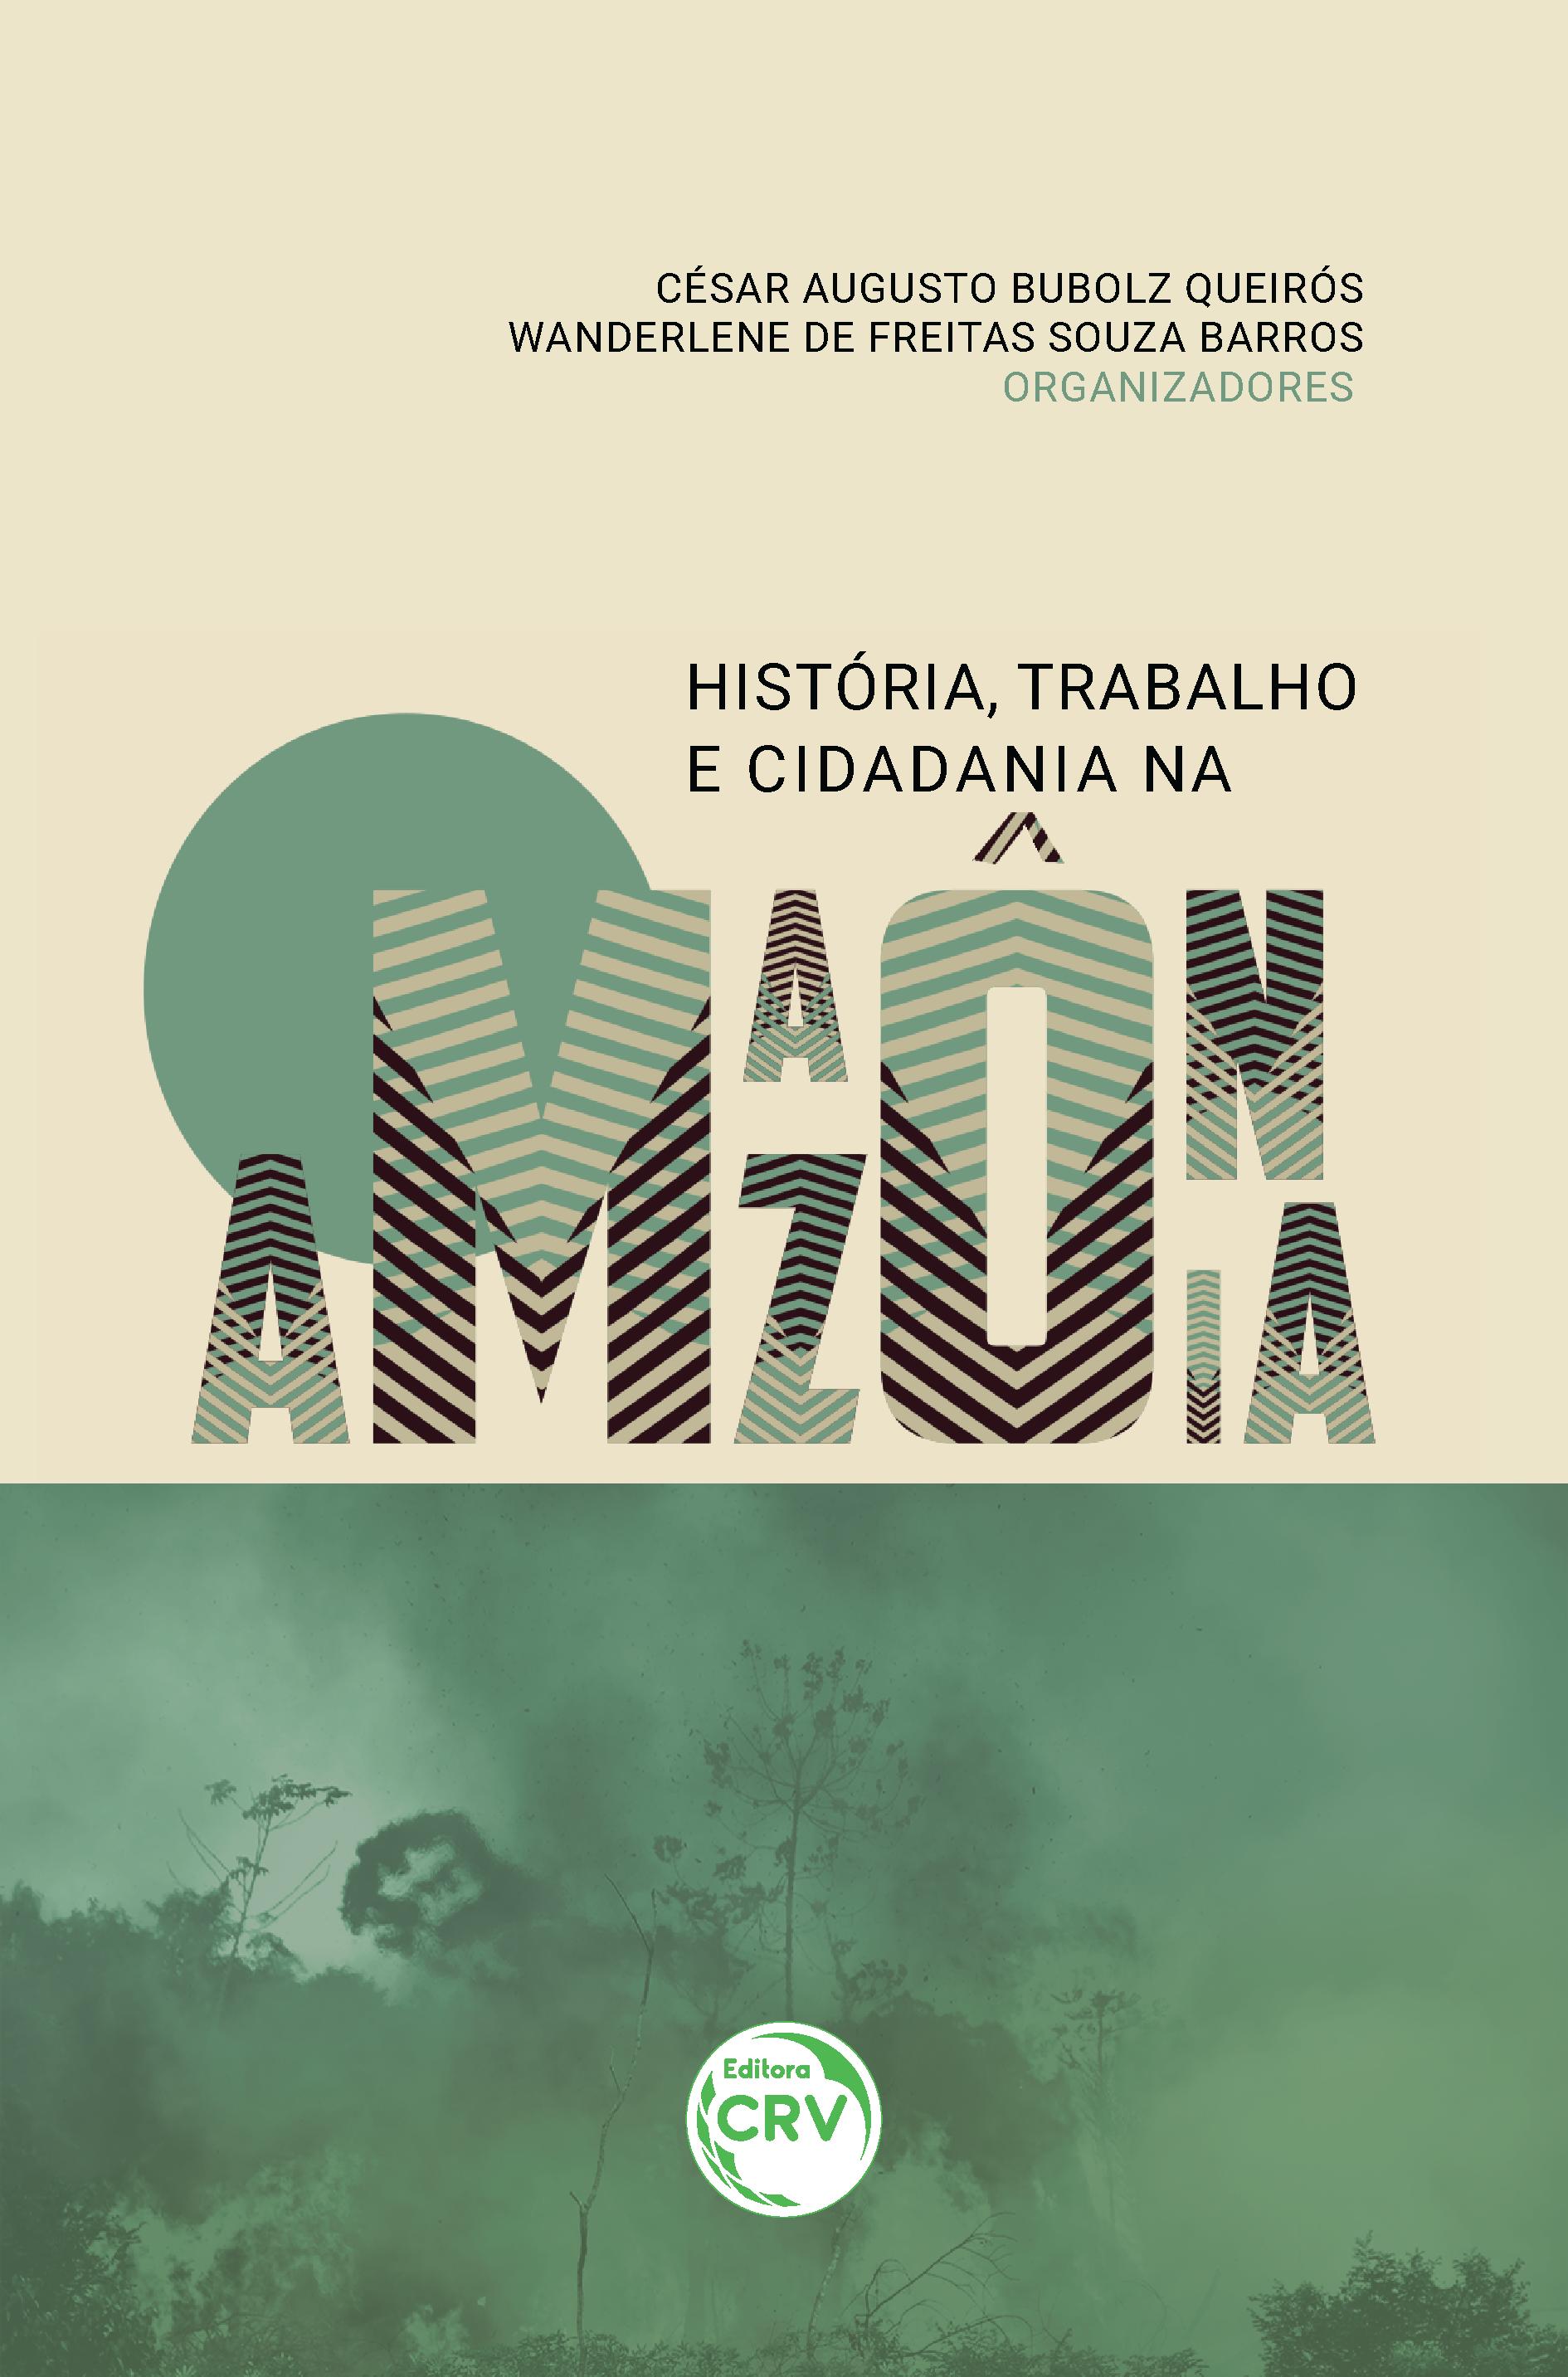 Capa do livro: HISTÓRIA, TRABALHO E CIDADANIA NA AMAZÔNIA